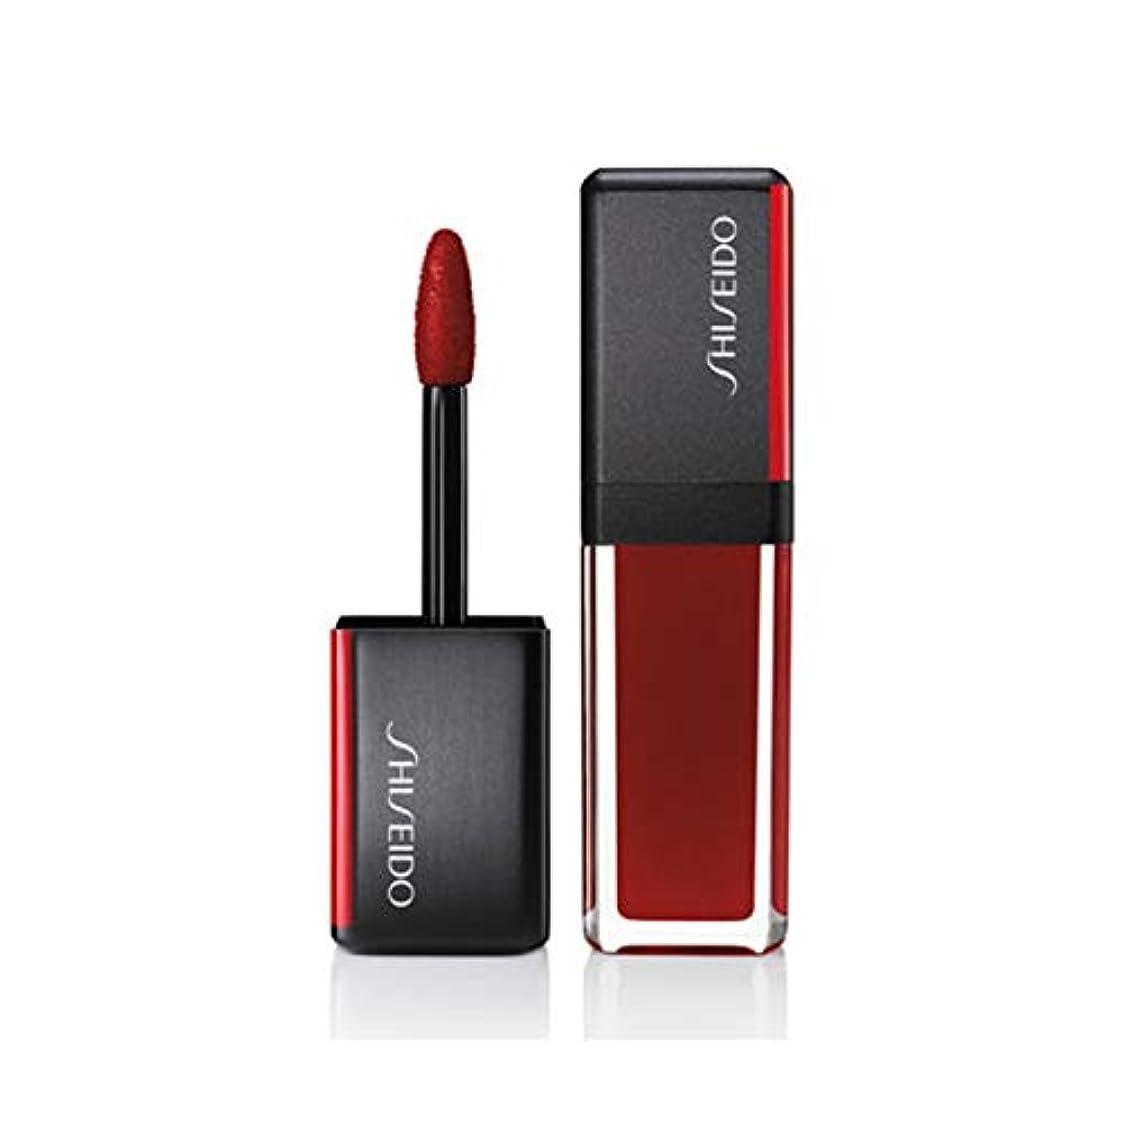 誤って三悪化する資生堂 LacquerInk LipShine - # 307 Scarlet Glare (Scarlet) 6ml/0.2oz並行輸入品